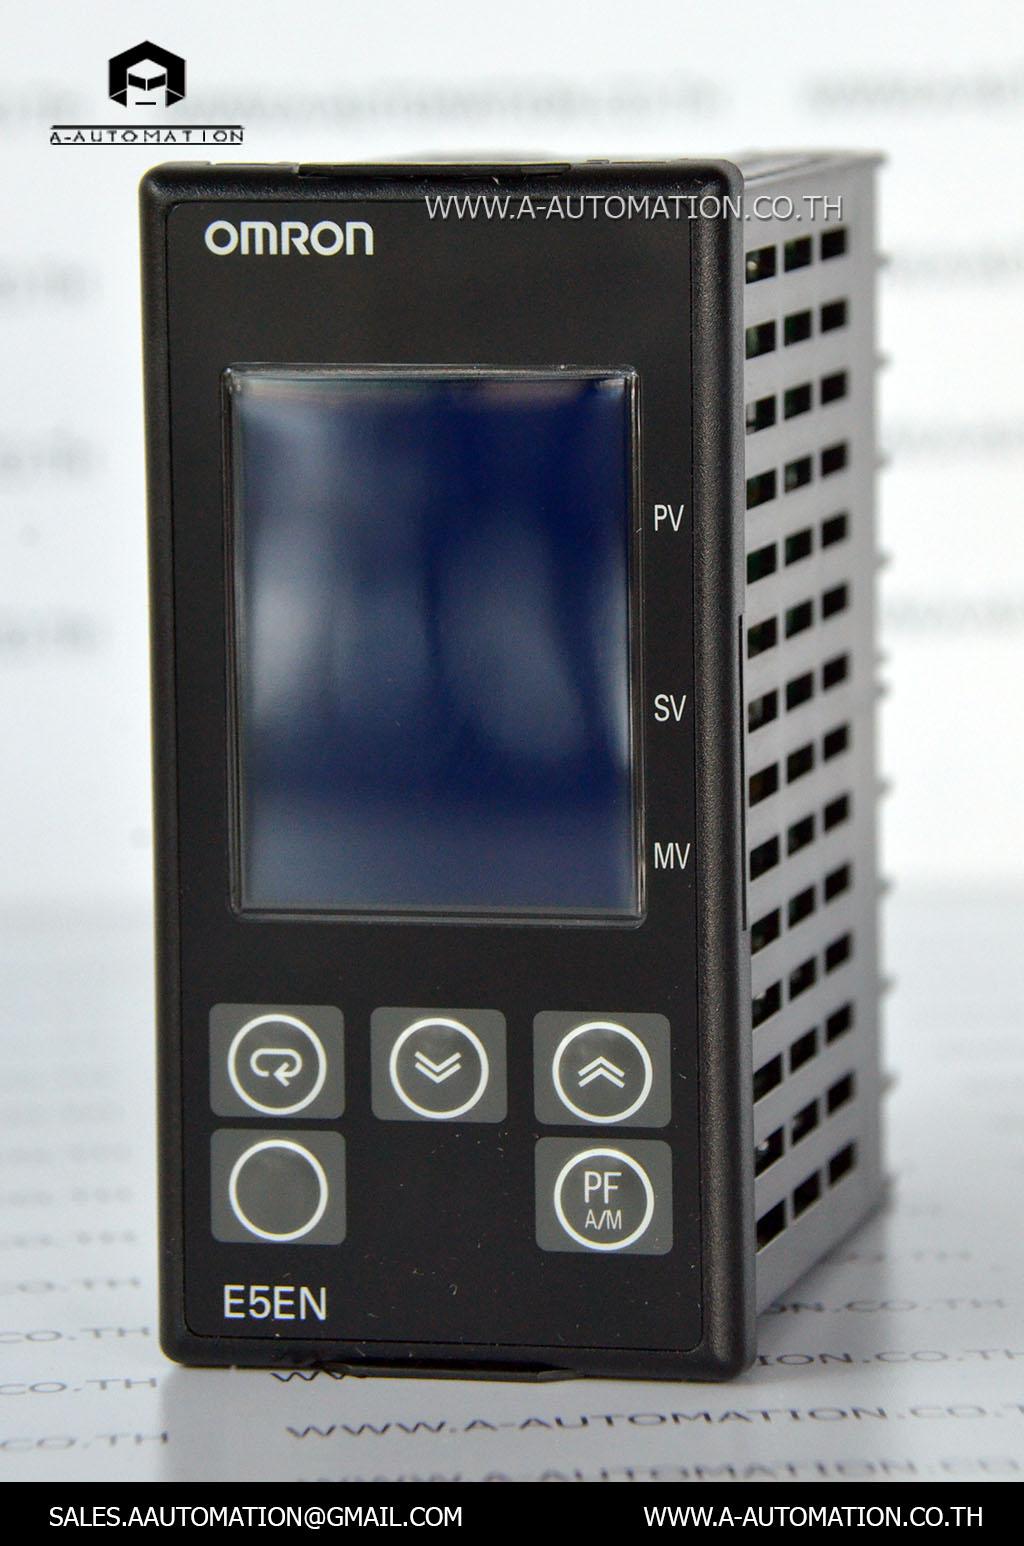 TEMPERATURE MODEL:E5EN-Q3HMT-500-N [OMRON]